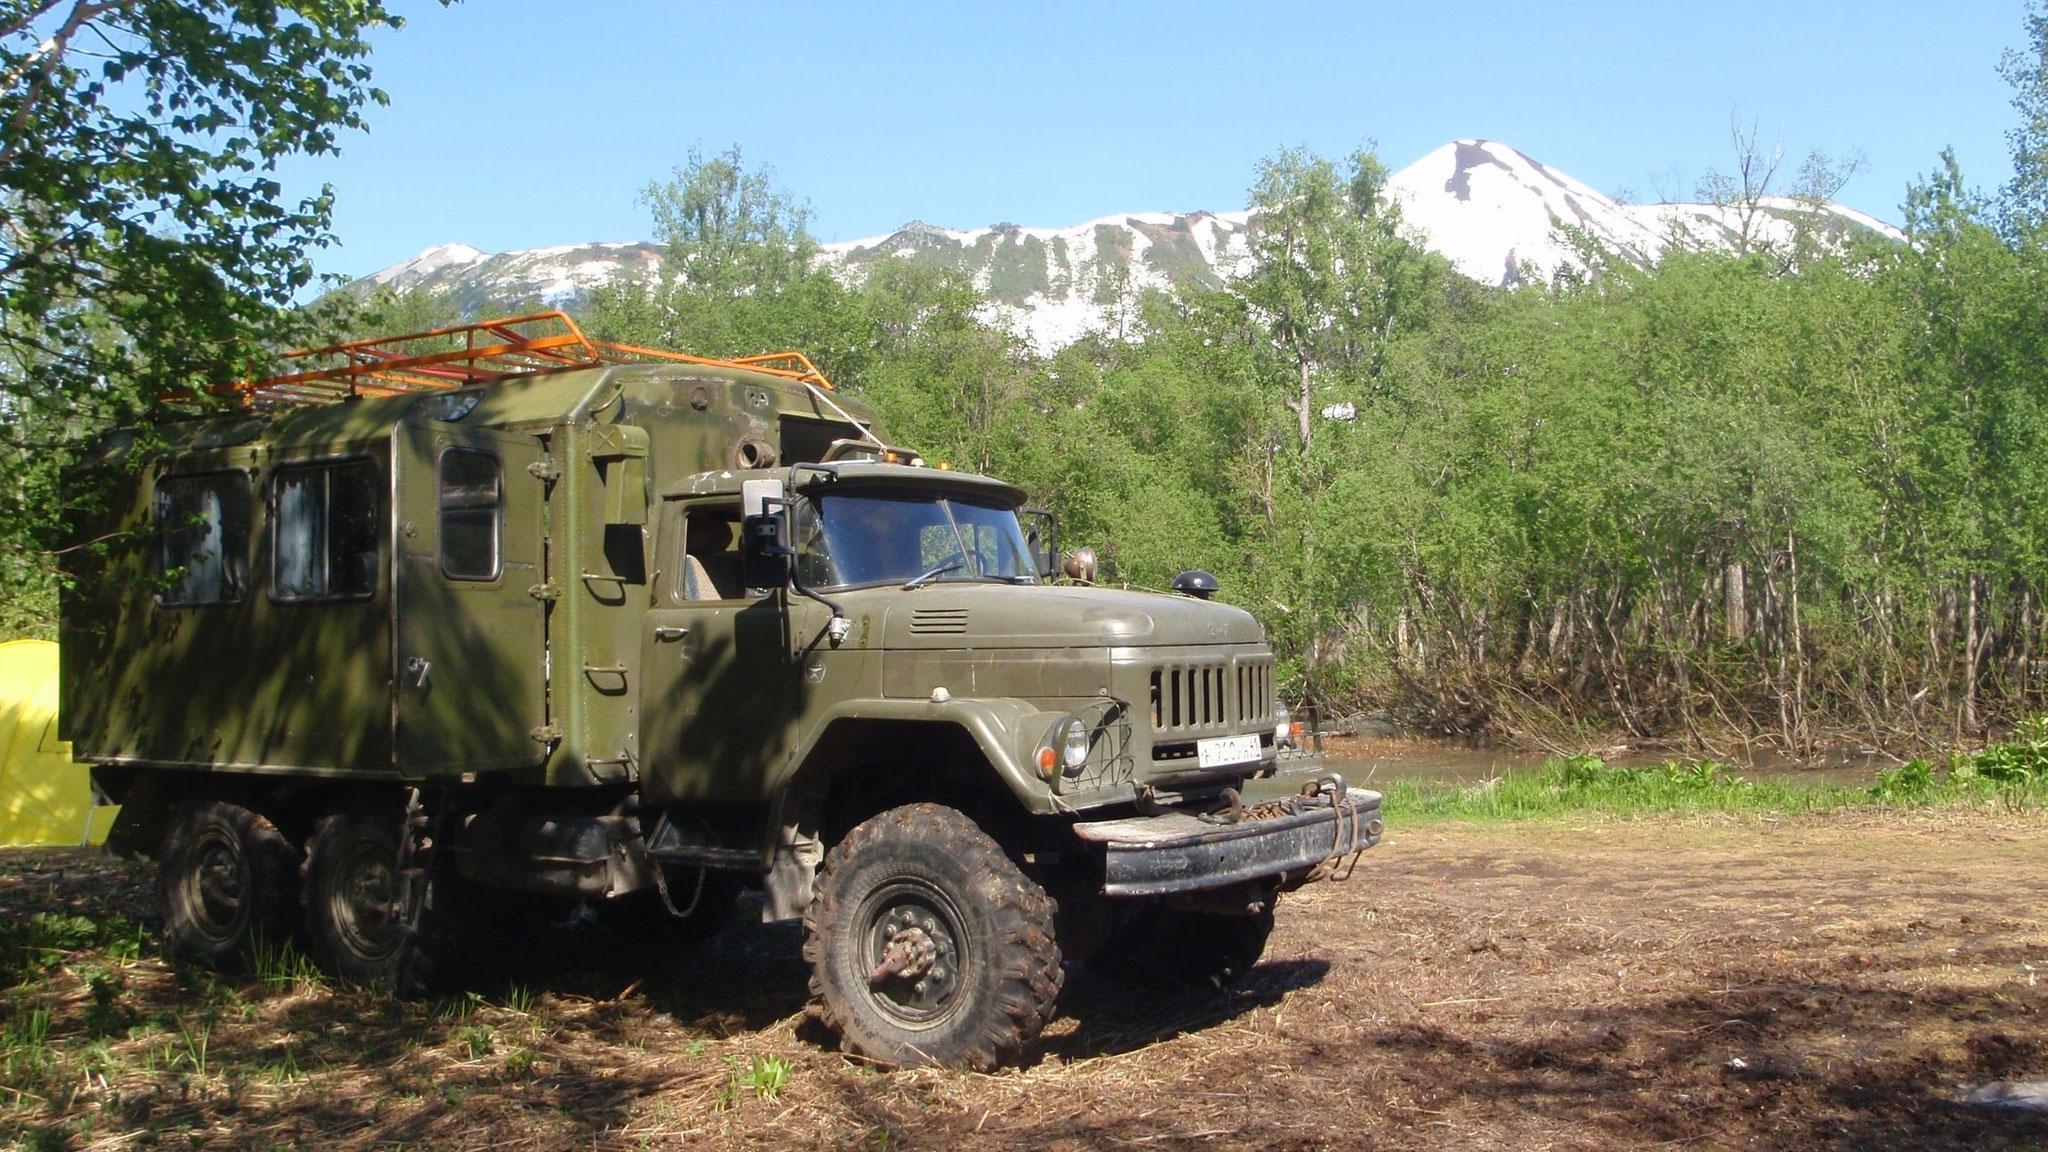 Ural 6WD passenger off-road vehicle